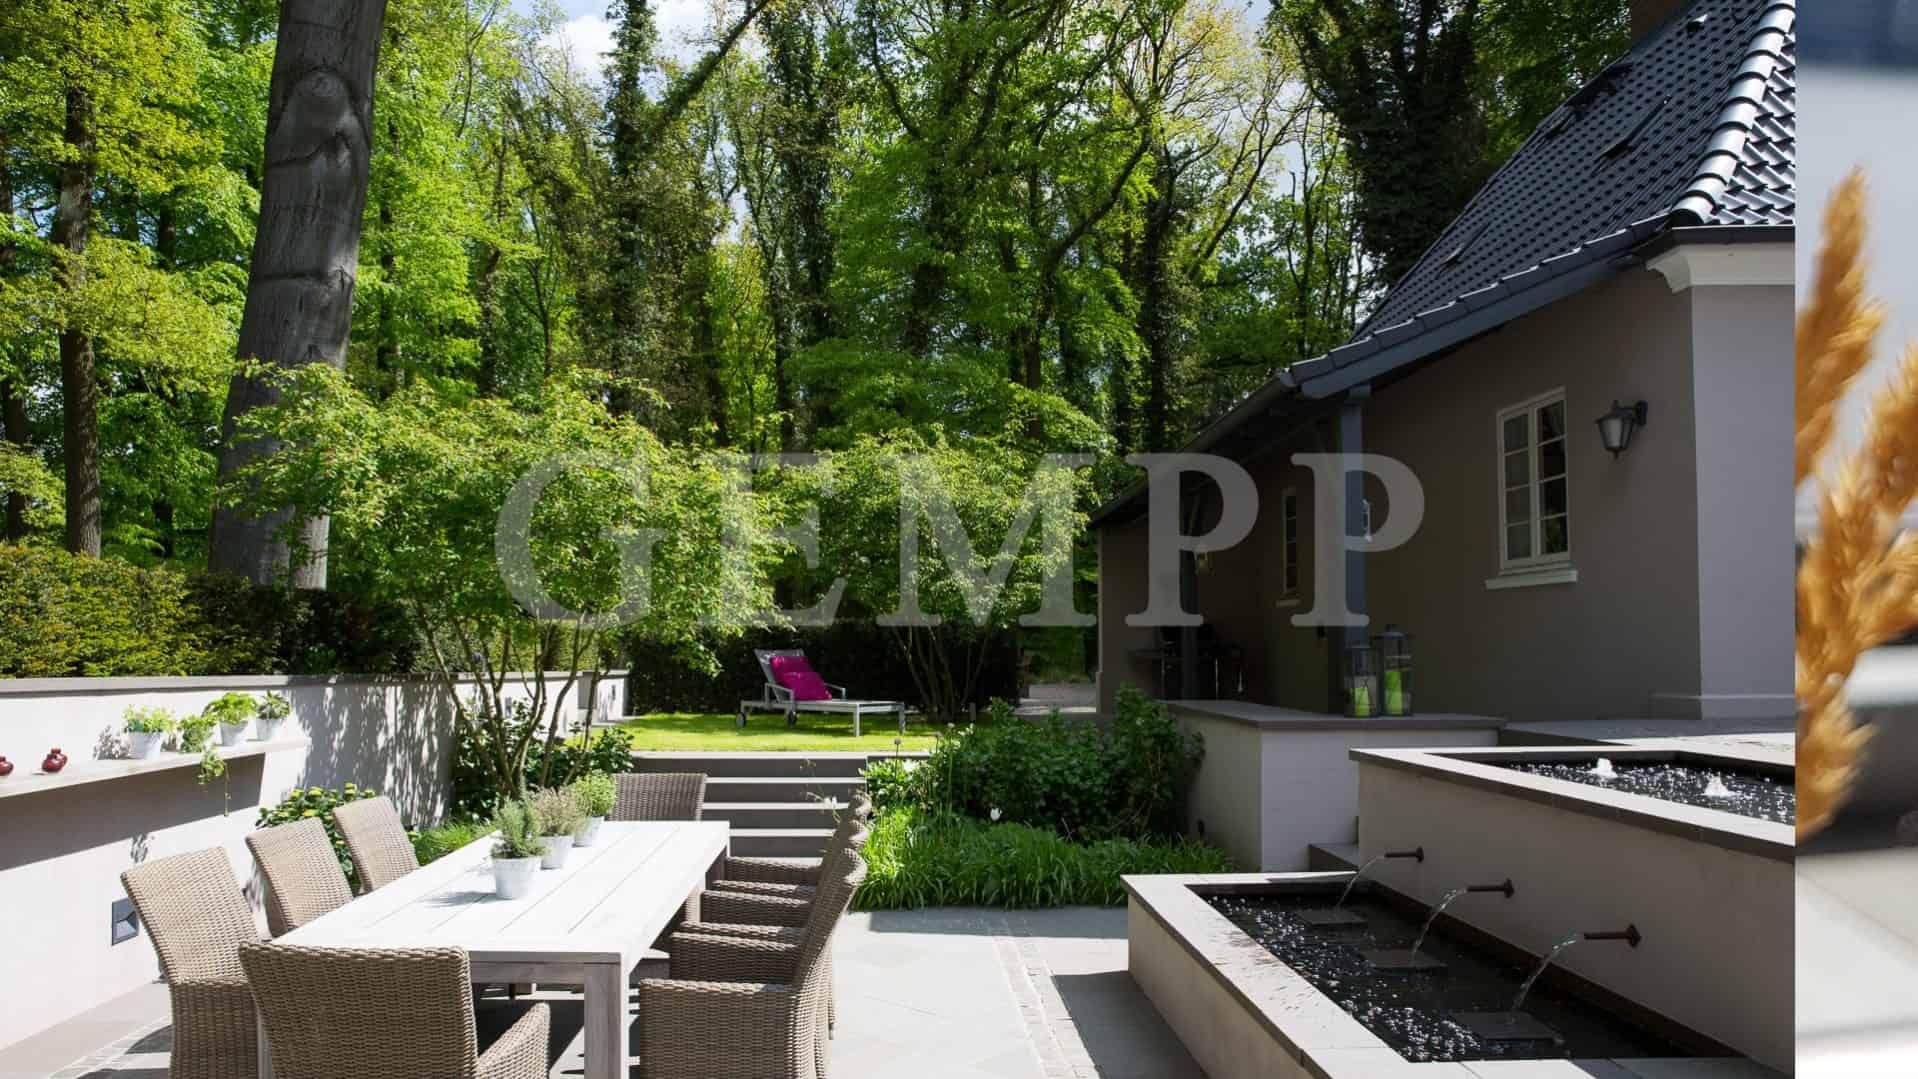 View Larger Image Moderne Gartengestaltung Atriumgarten Mit Wasserbecken  Brunnen